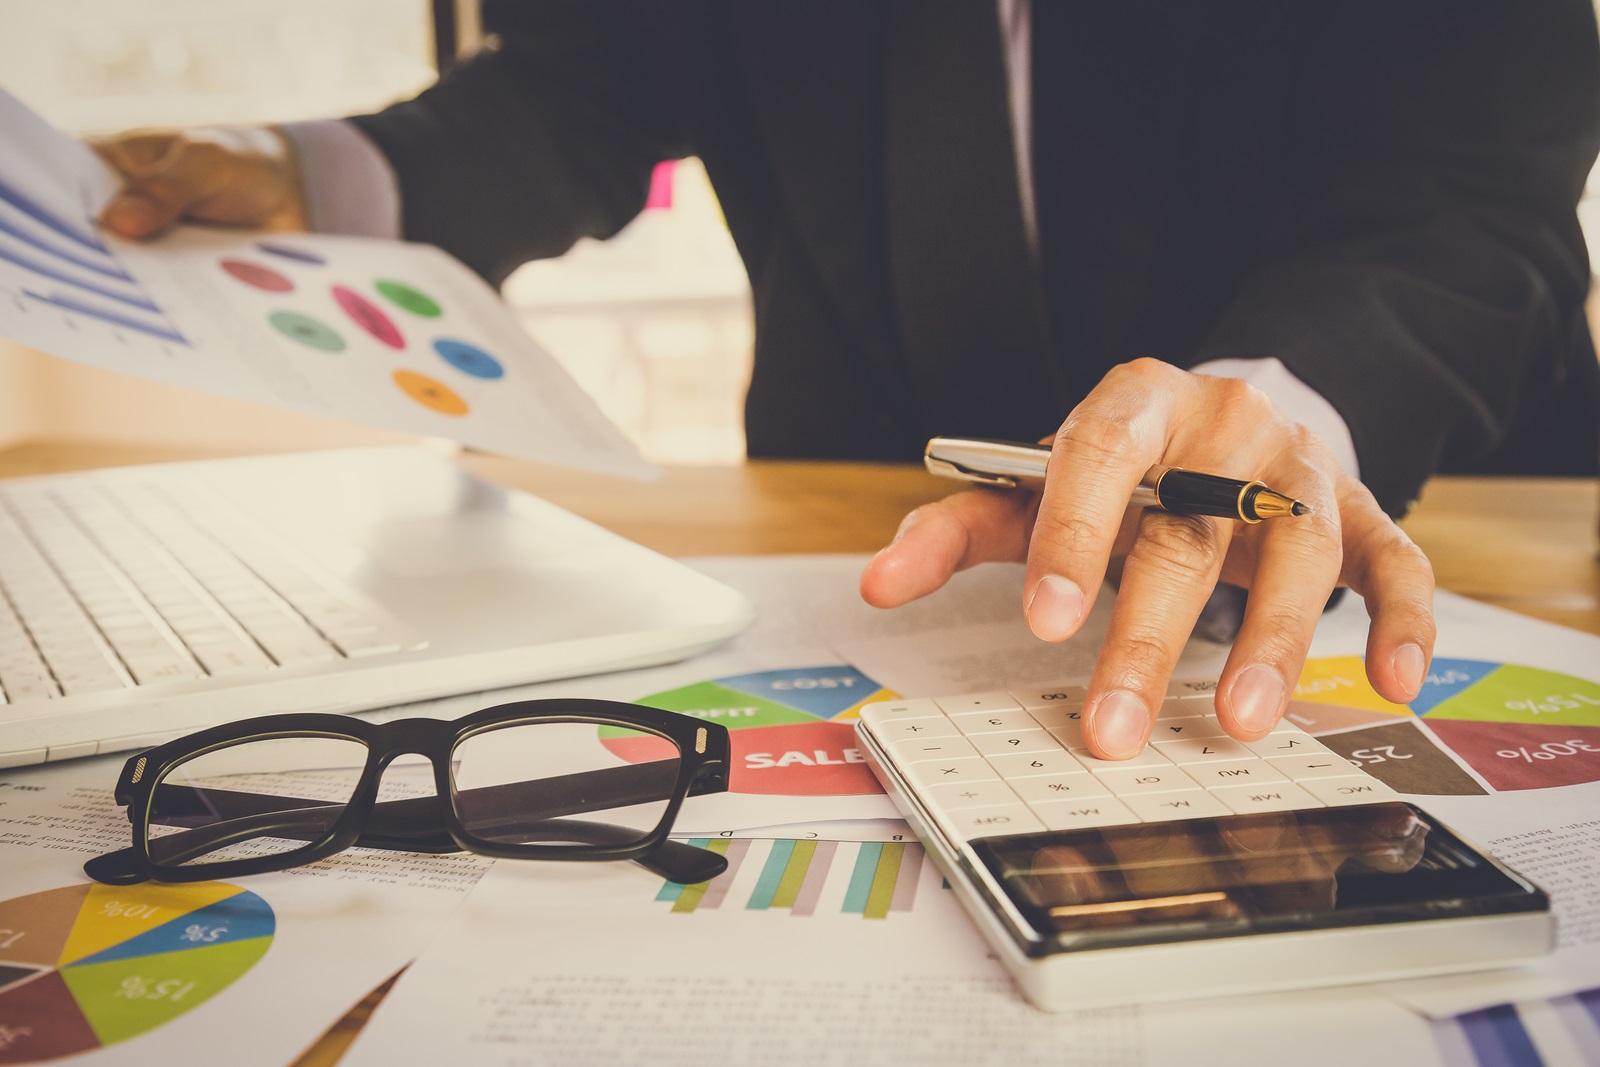 DSCR, non solo l'ennesimo acronimo ma l'indice contabile significativo della crisi aziendale, con il quale le imprese dovranno confrontarsi nei prossimi mesi.